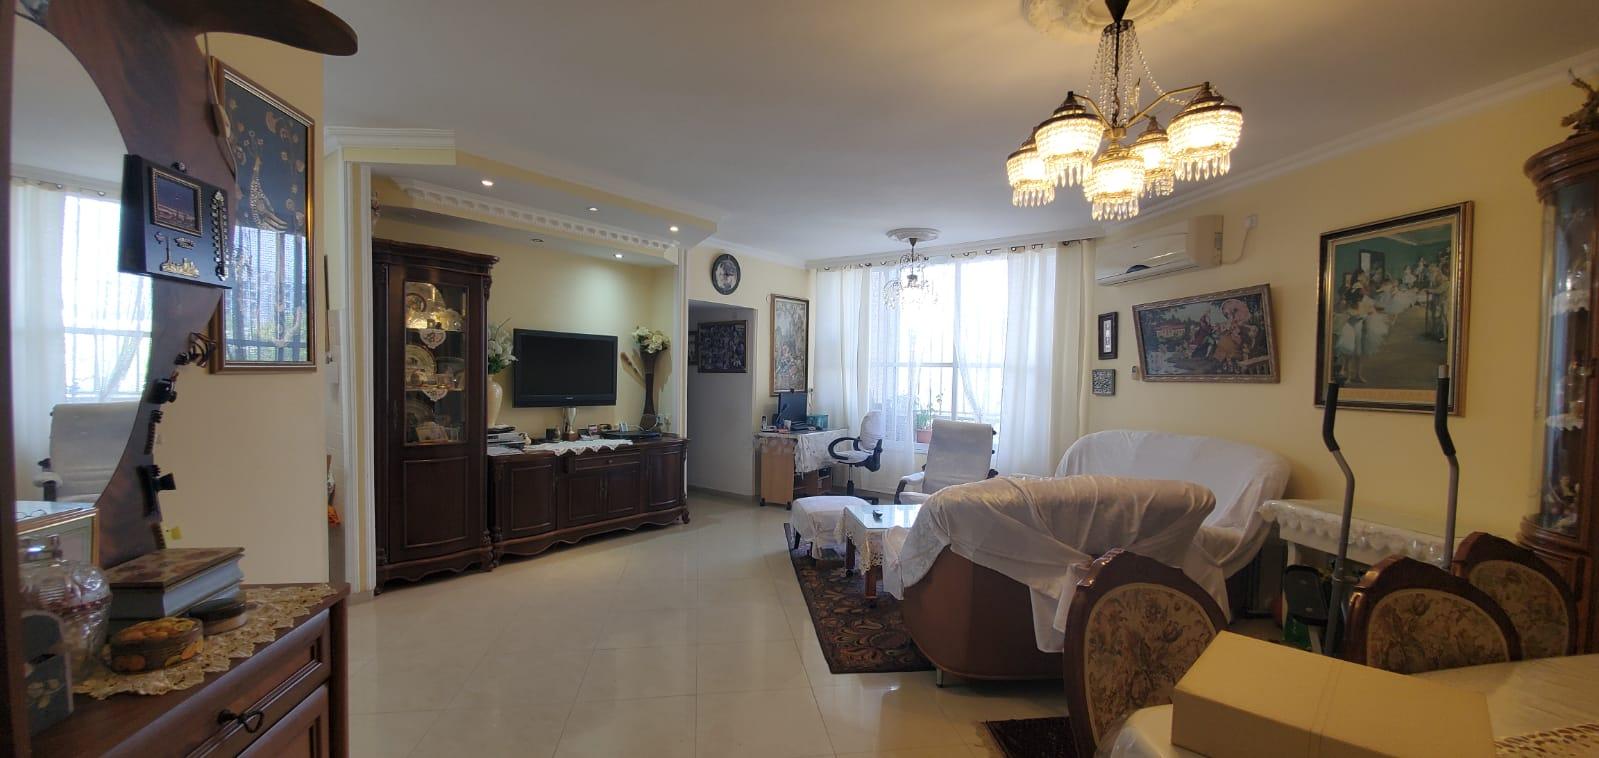 תל אביב דירה למכירה 3 חדרים 1,850,000₪, תל אביב